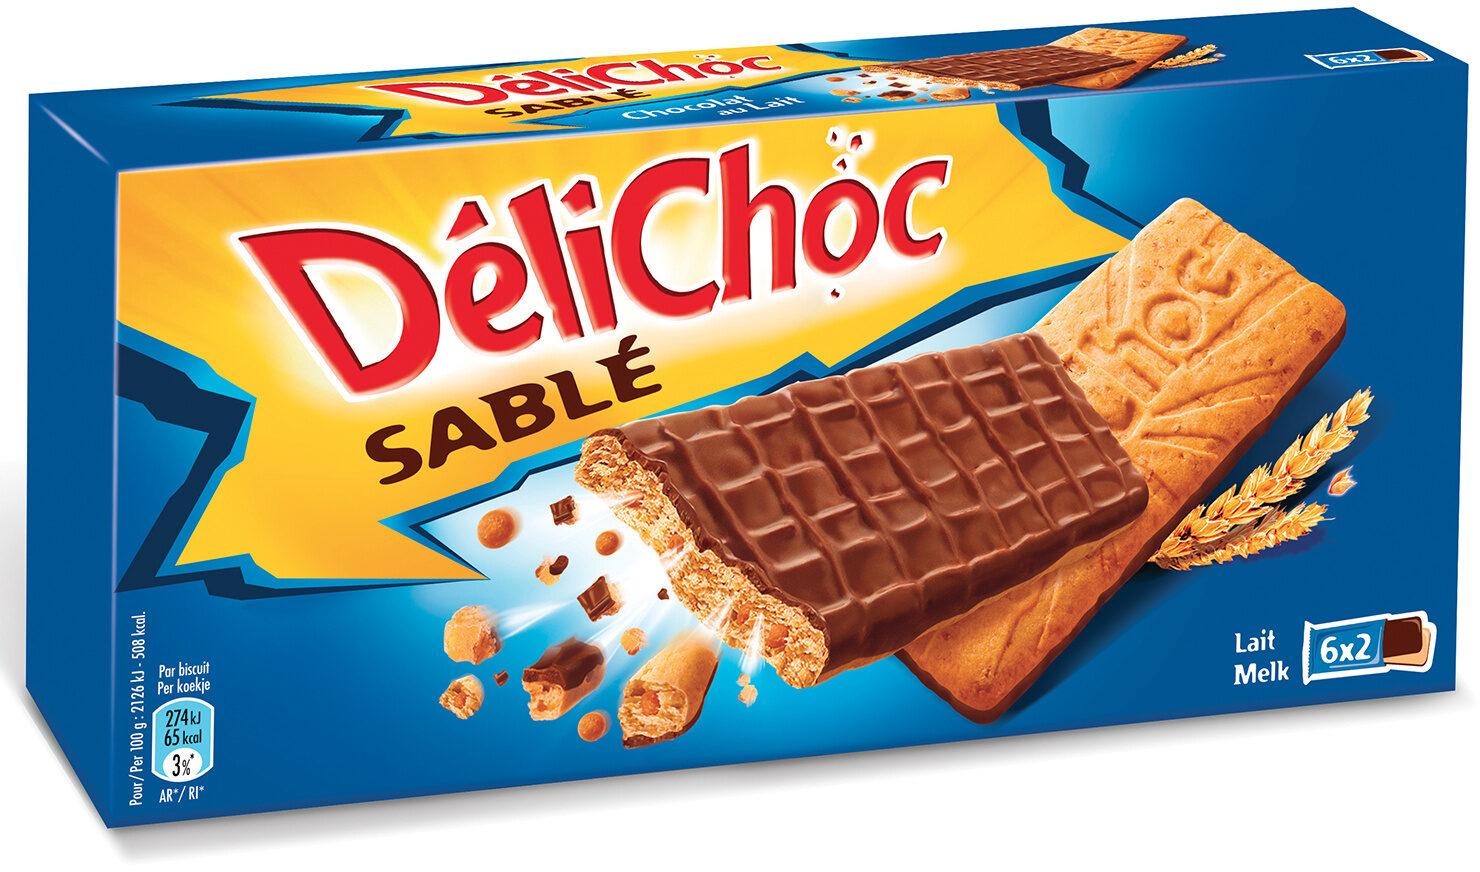 Delichoc sable chocolat lait - Produit - fr